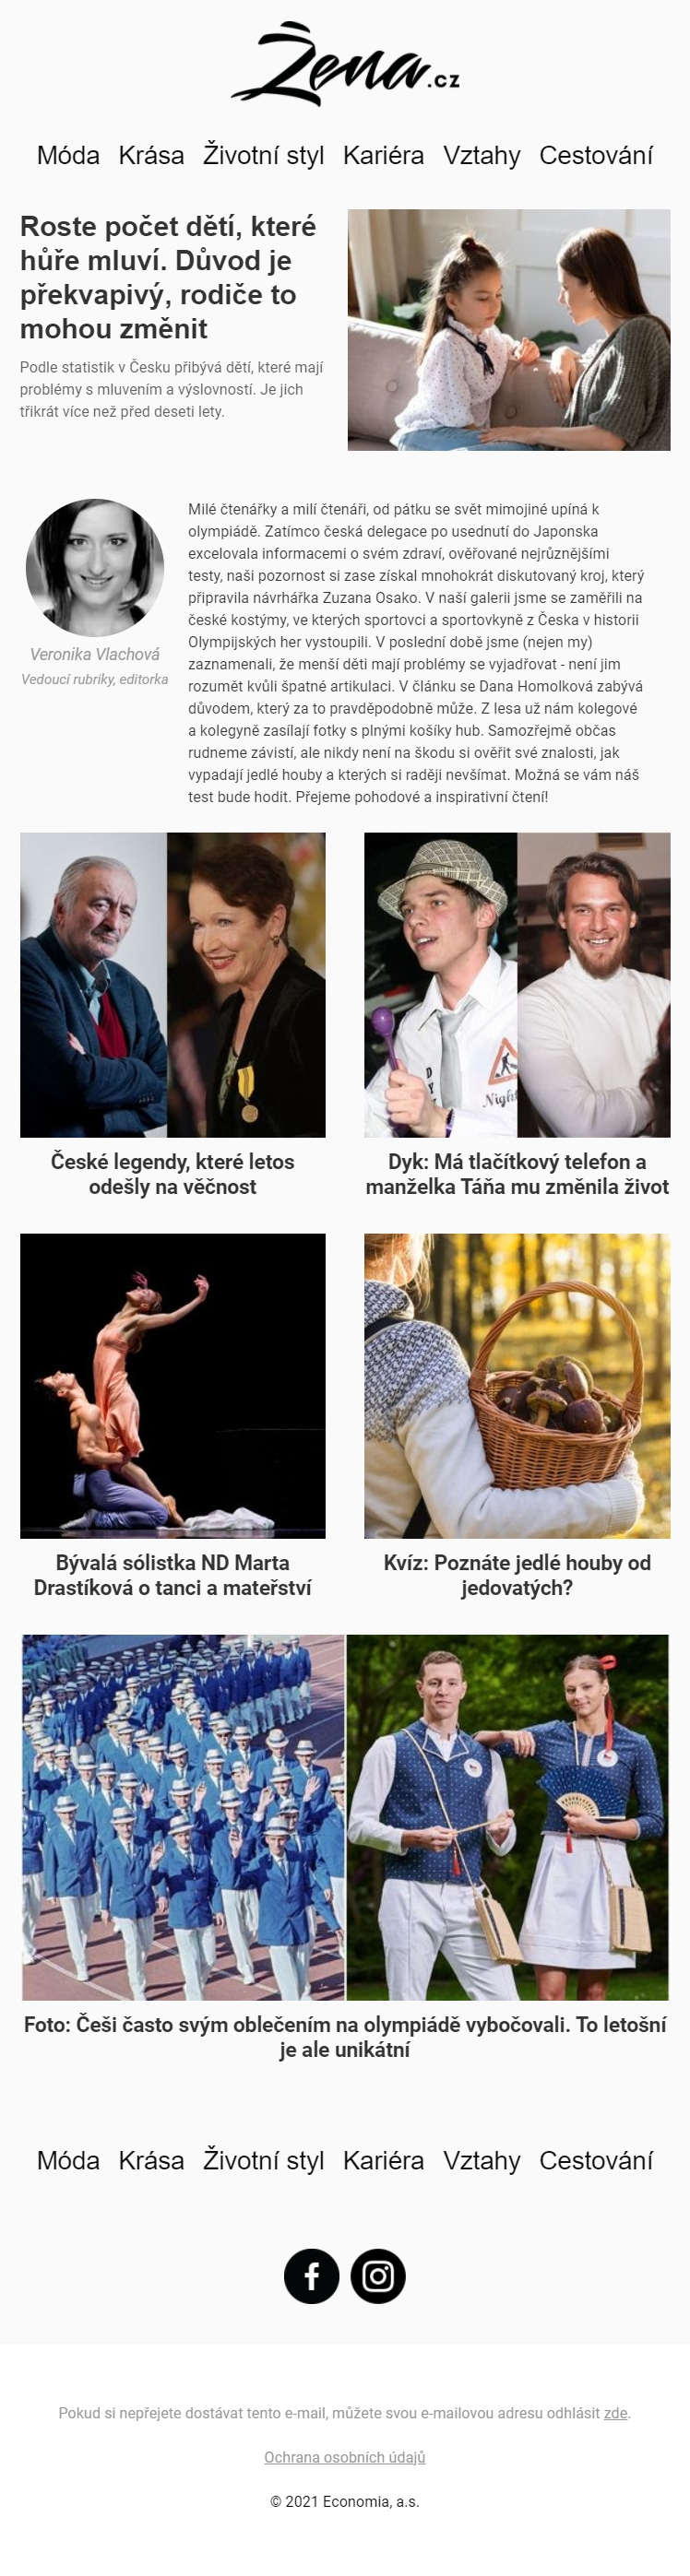 Náhled newsletteru Žena.cz